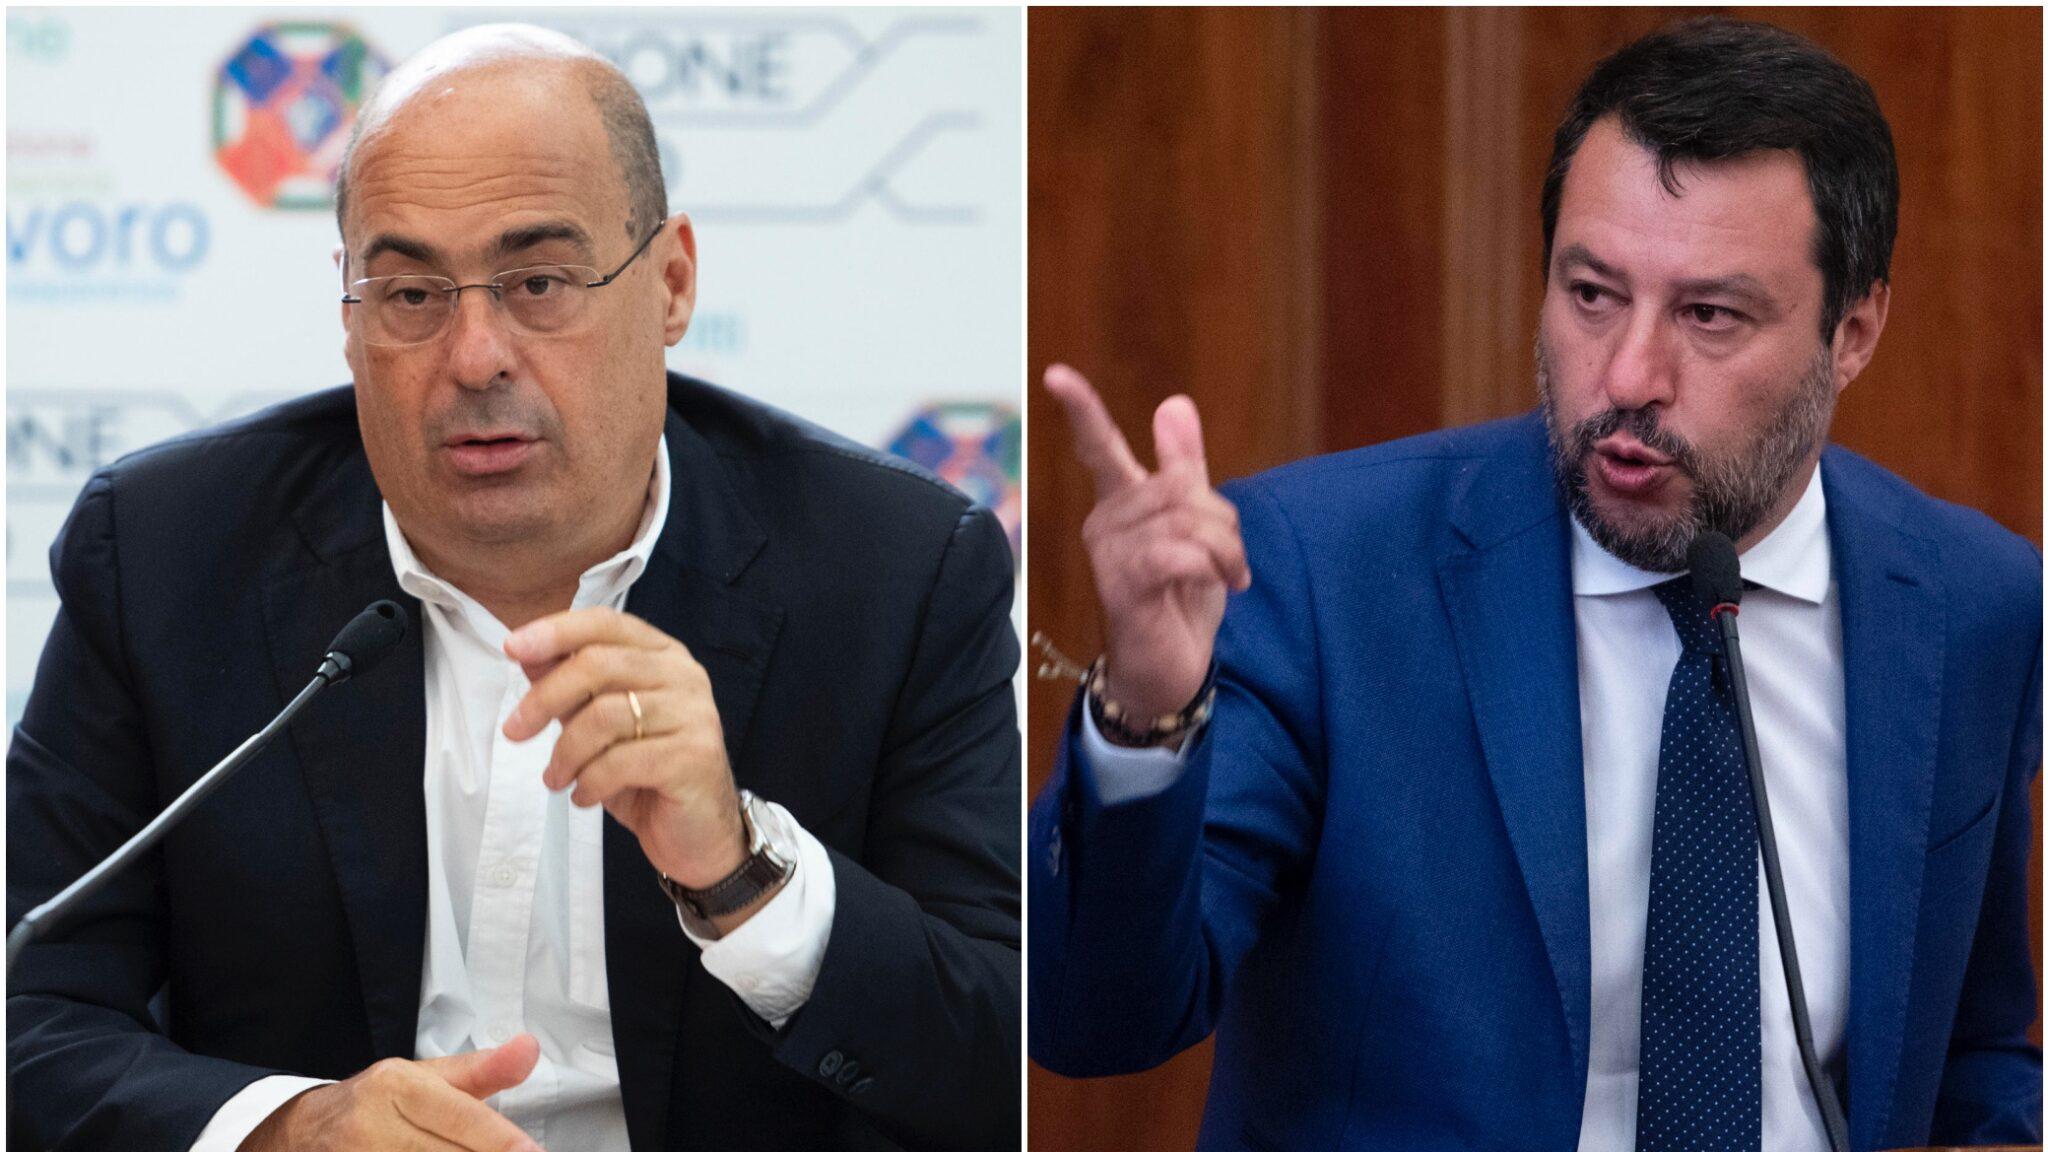 Zingaretti e Salvini rischiano molto al referendum e alle regionali